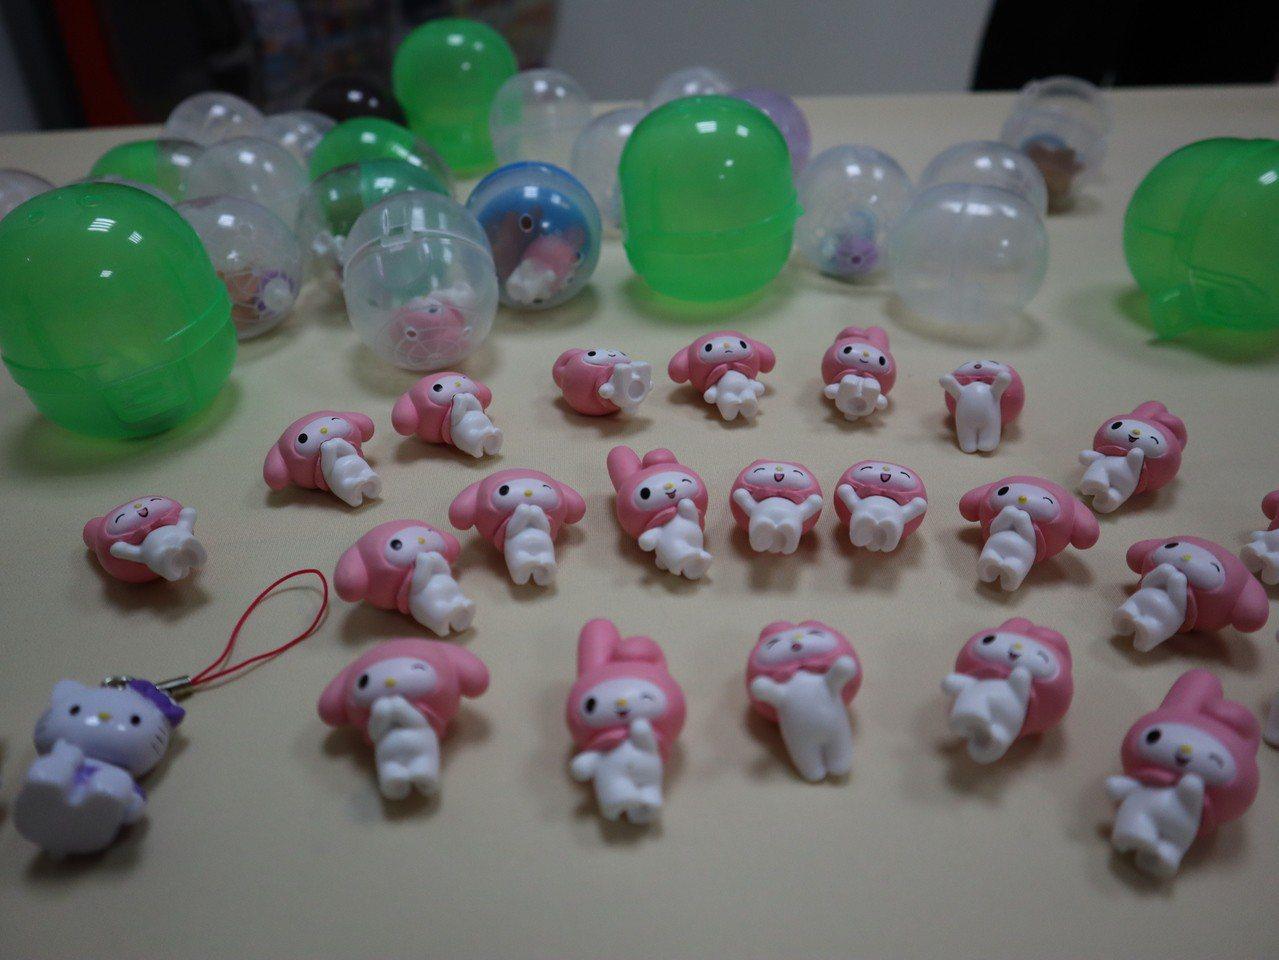 警方查獲扭蛋機內仿冒的Hello Kitty、布丁狗、美樂蒂、LINE等近百件仿...